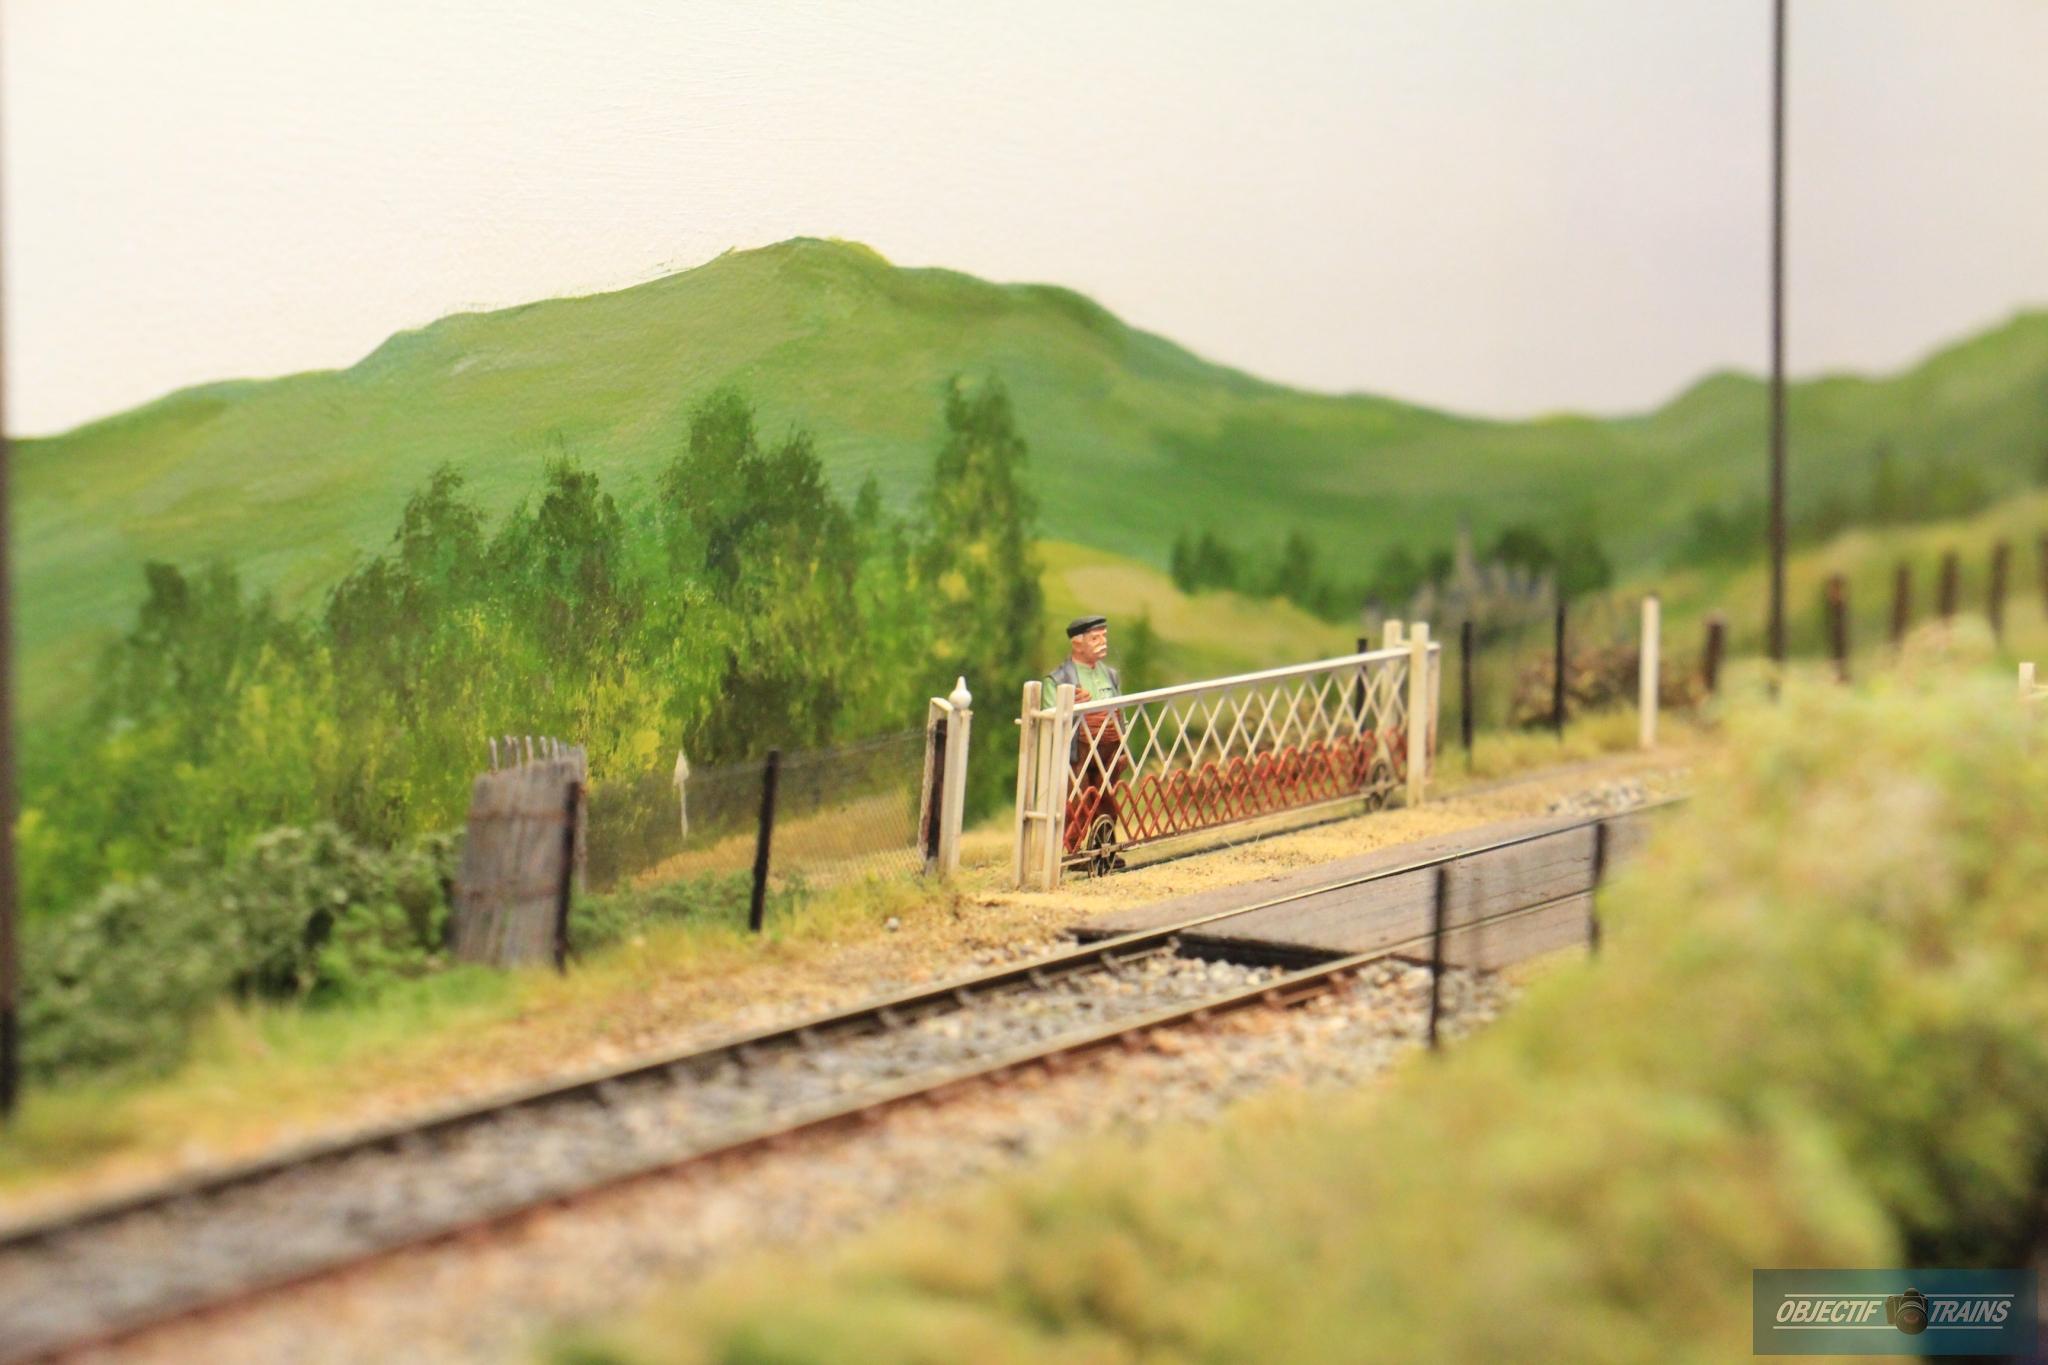 Morceau De Cantal Objectif Trains Com